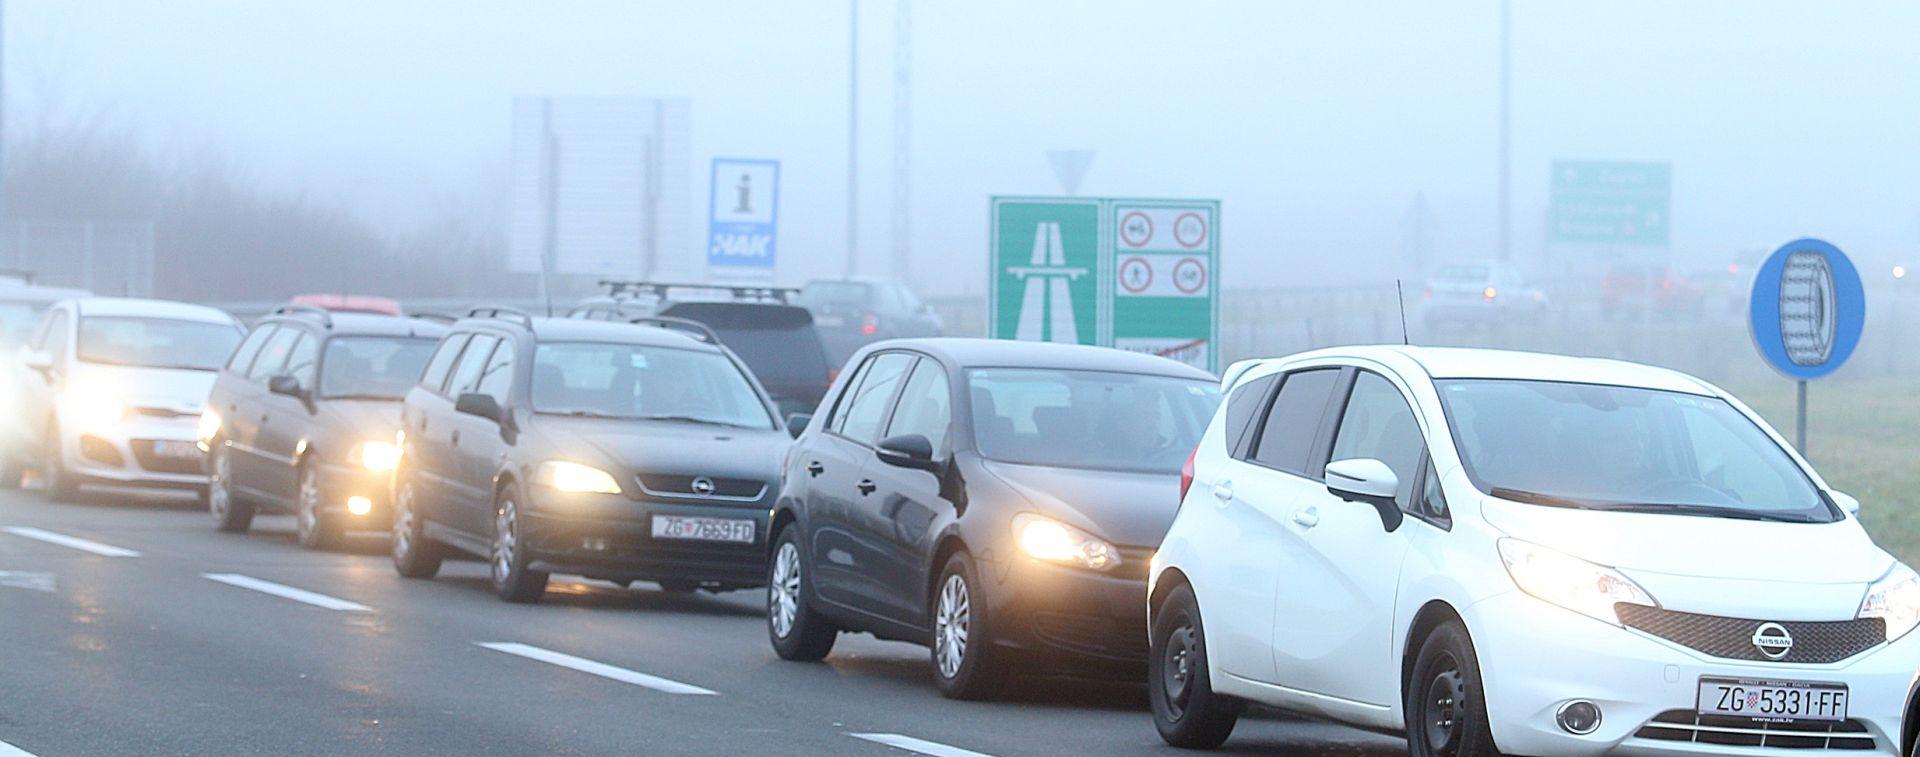 HAK Kolnici mokri i vlažni, magla smanjuje vidljivost na A6 i Gorskom kotaru